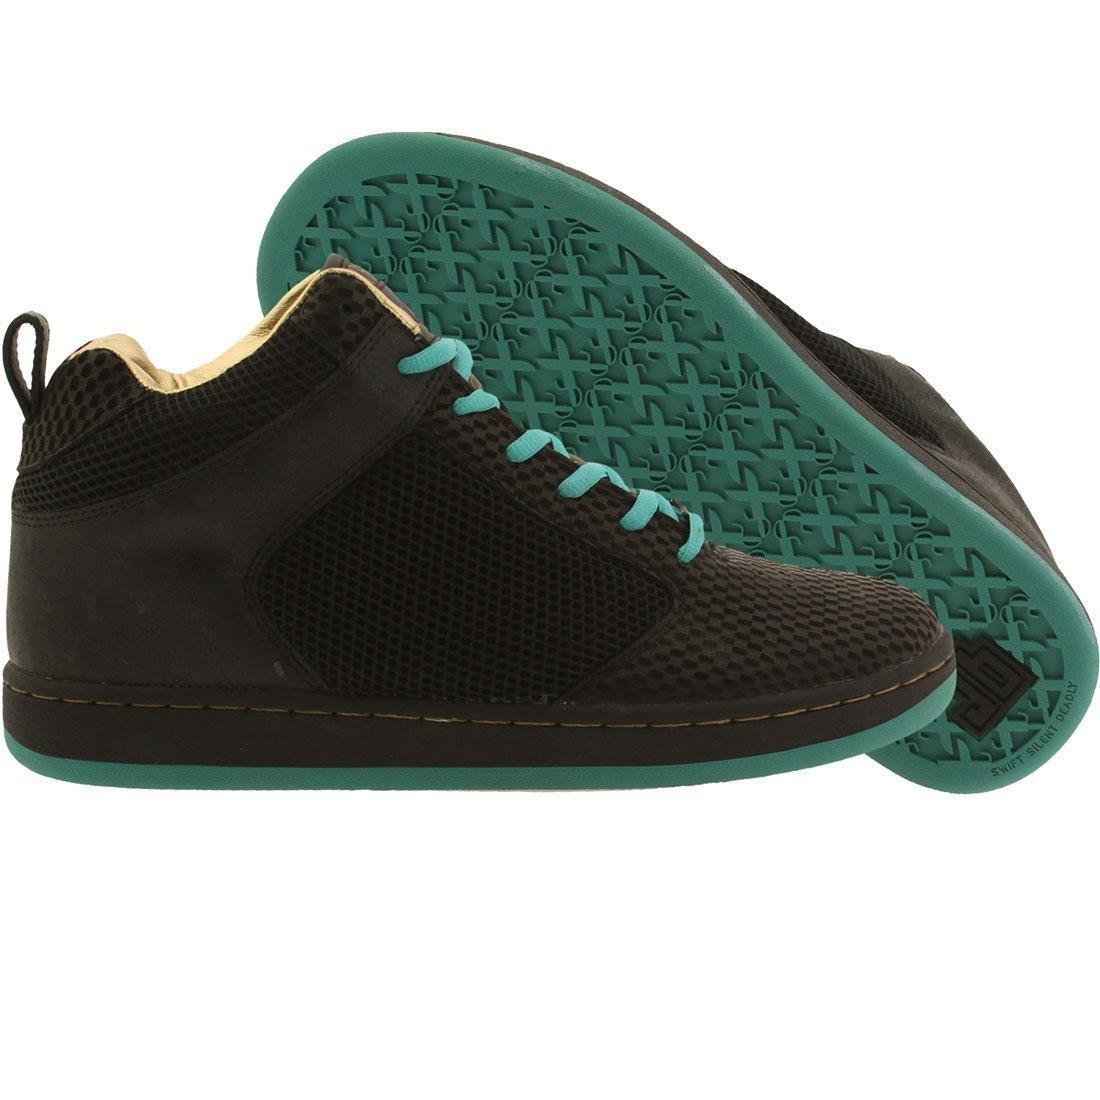 【海外限定】ミッド 黒 ブラック 靴 スニーカー 【 BLACK JB CLASSICS PEDDLER MID BRAINCHILD GRNC EBONY LASER 】